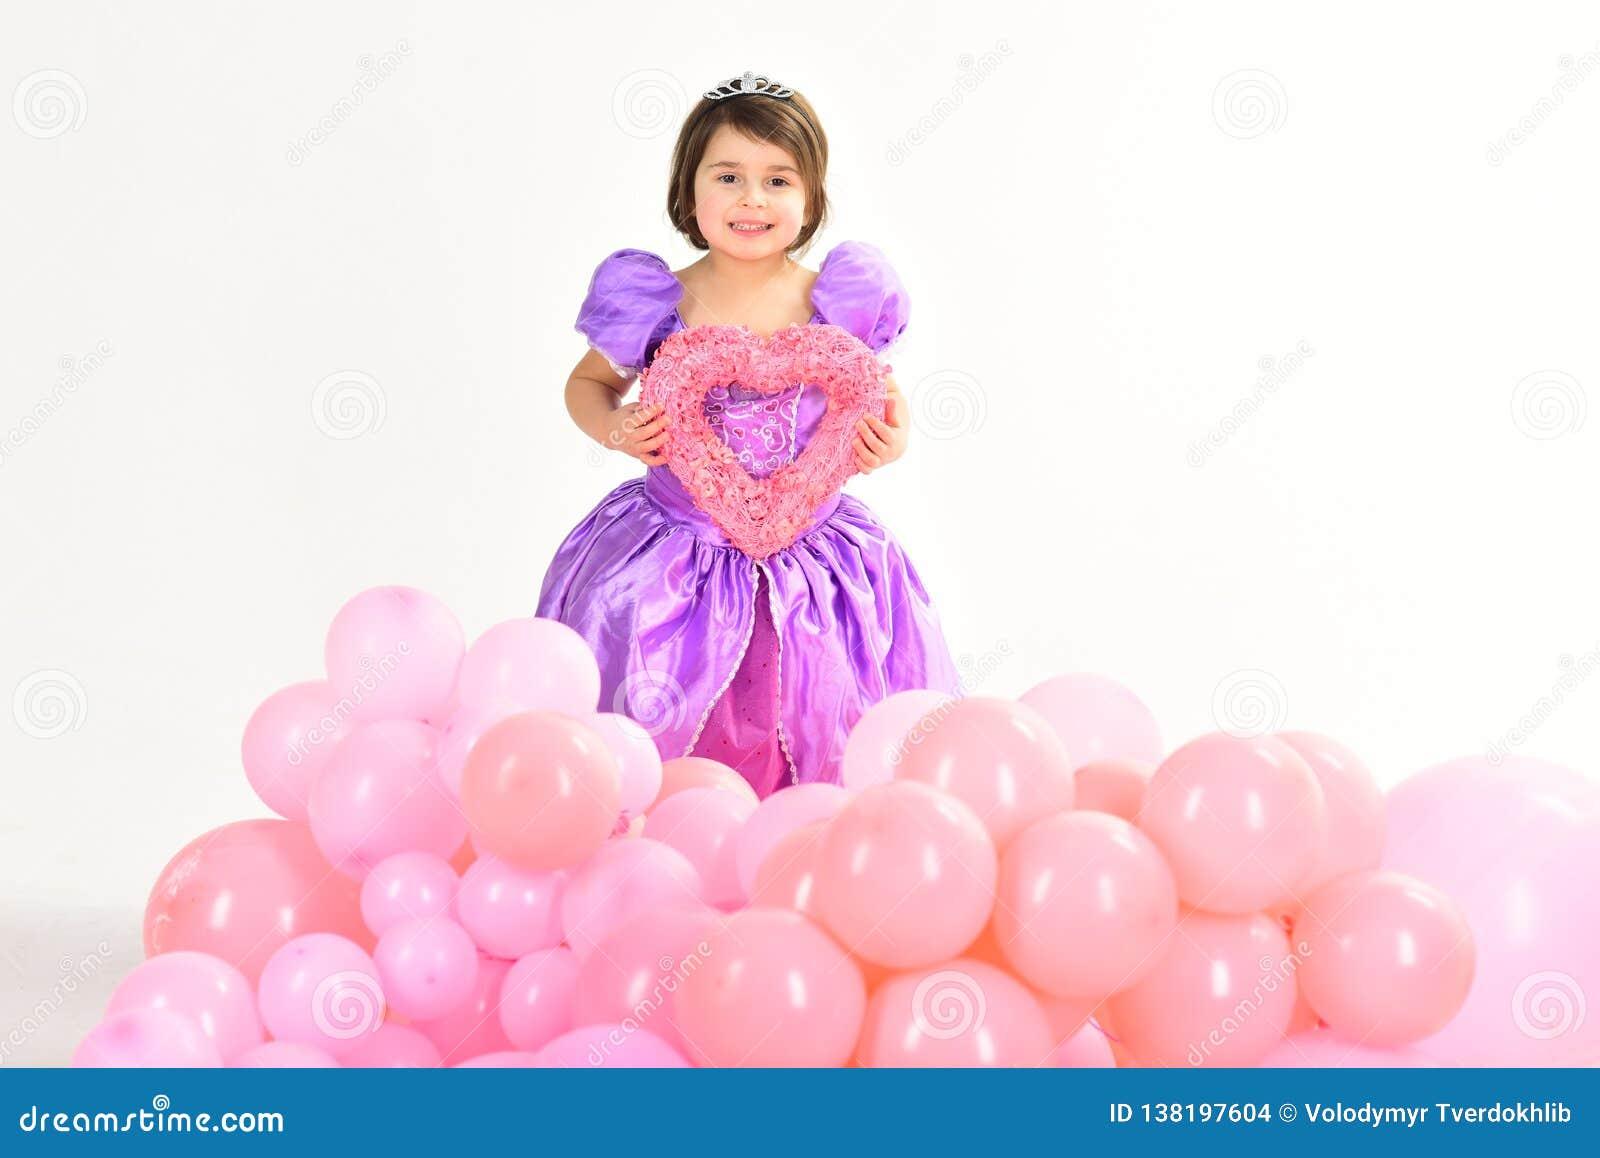 Ballons de réception Rose rouge Joyeux anniversaire mode d enfant Peu coup manqué dans la belle robe enfance et bonheur